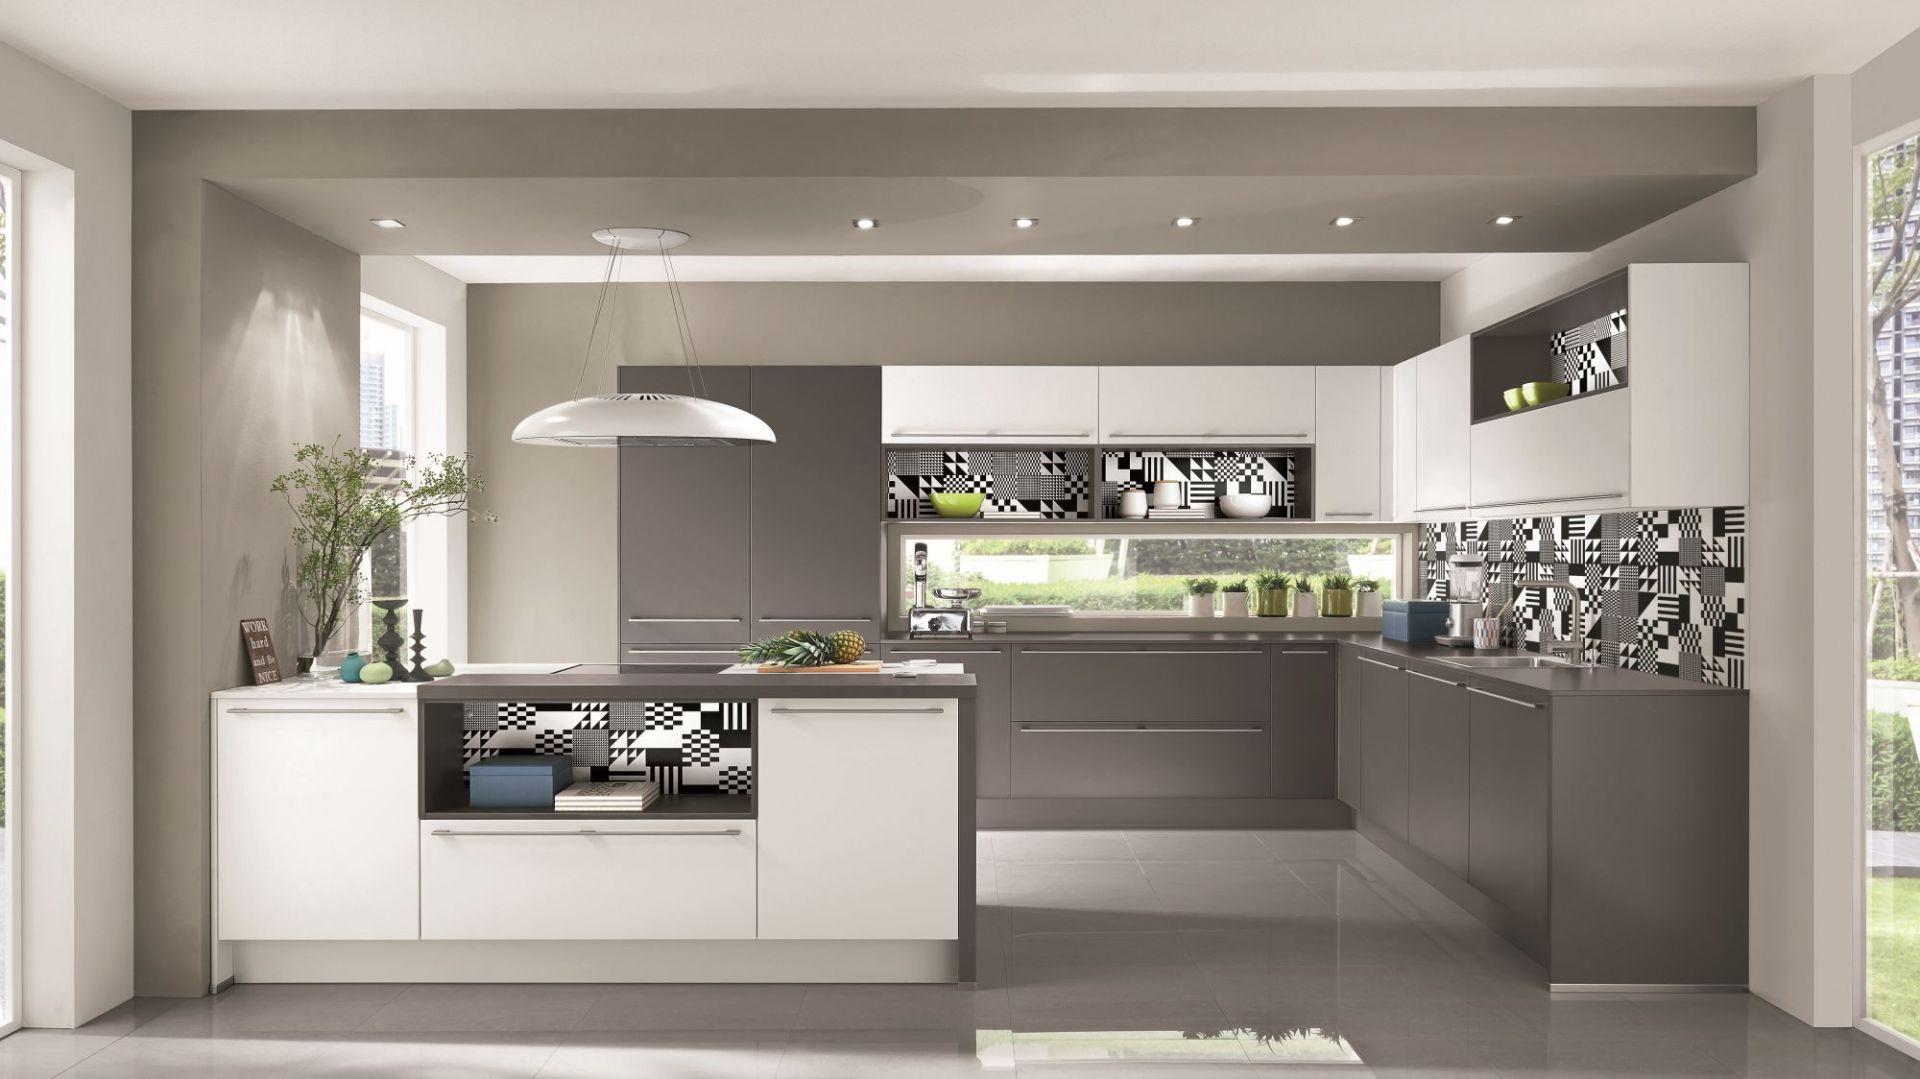 Kuchnia Touch to modne połączenie bieli i szarości. Dekoracyjna ściana nad blatem to świetne urozmaicenie wnętrza. Fot. Nobilia